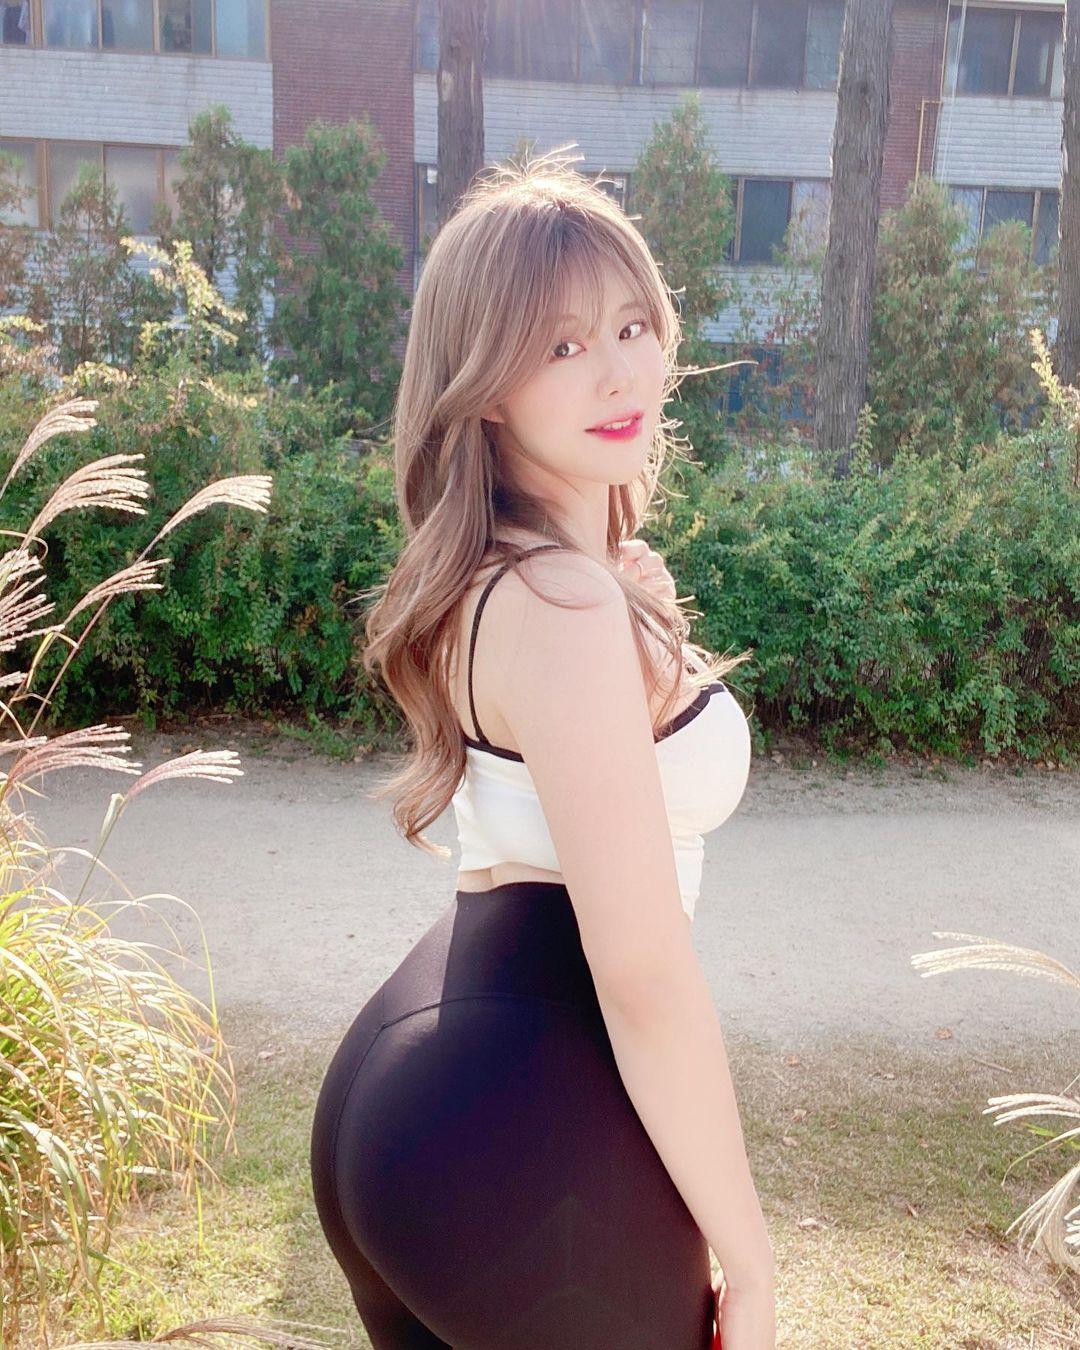 Nàng béo siêu xinh xứ Hàn từng có vòng 2 gần 1 mét làm cách nào để mũm mĩm vẫn đẹp? - 1